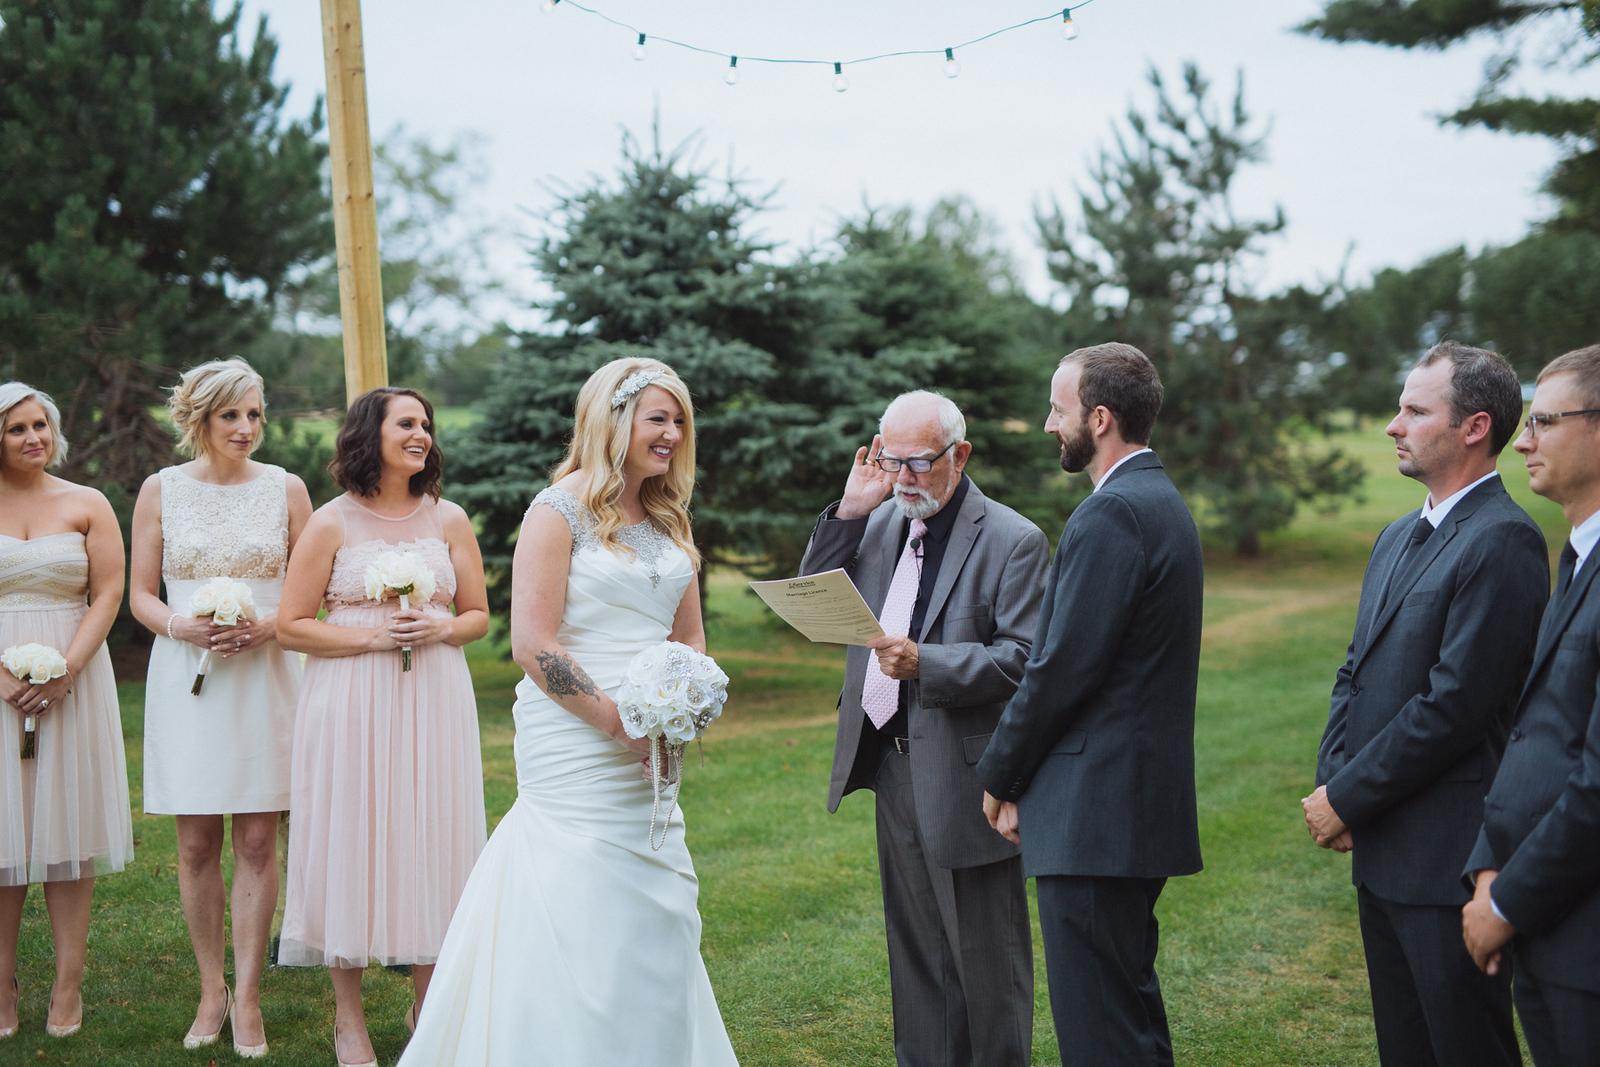 Westfield Golf Club Wedding outdoors